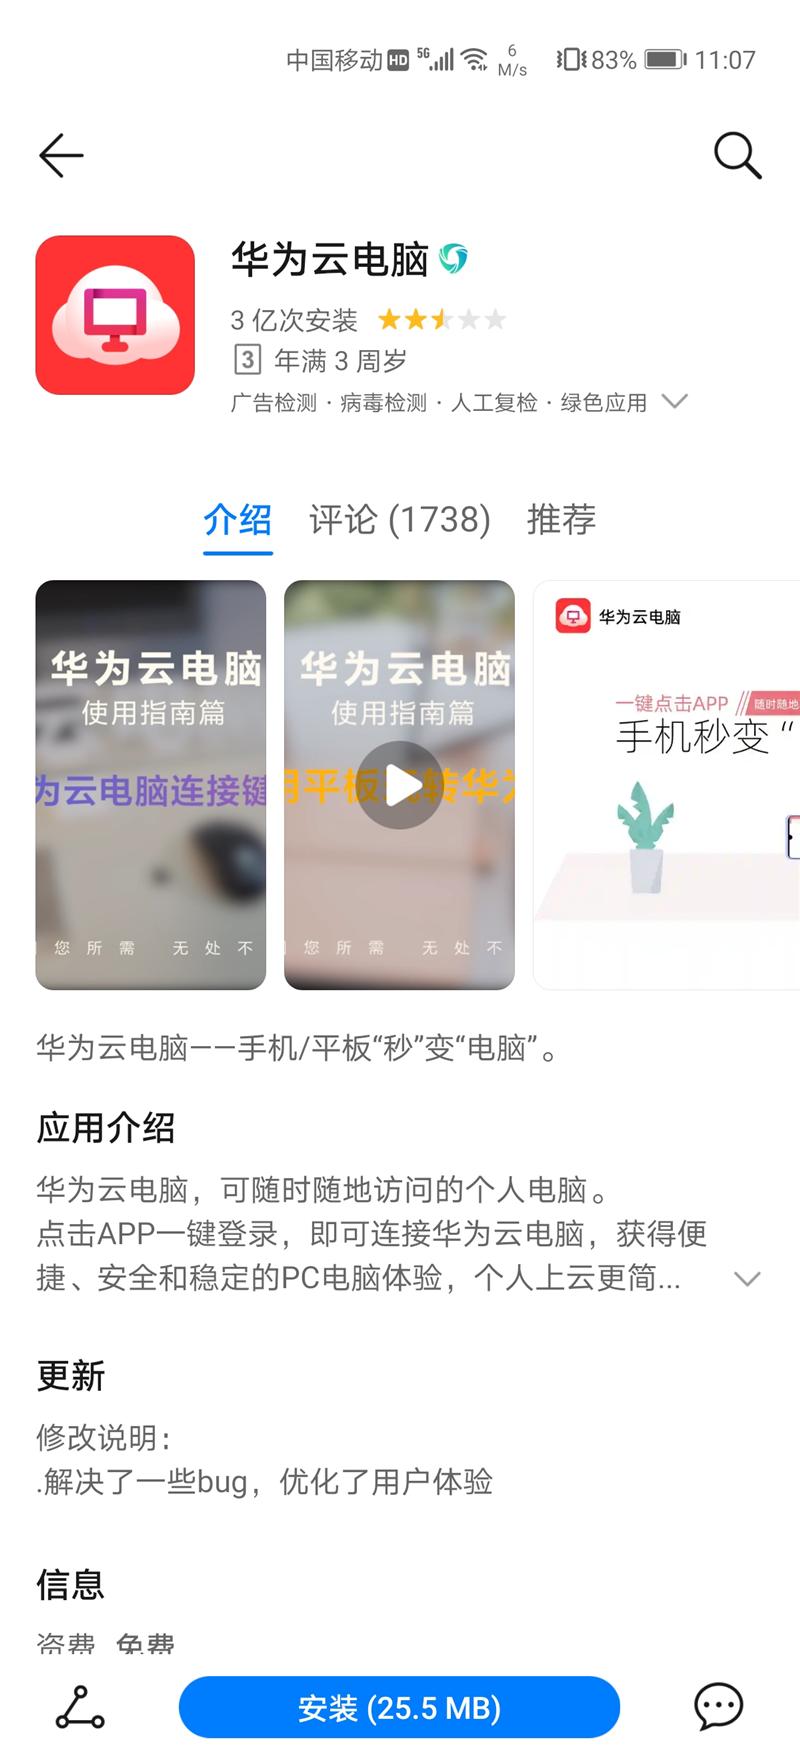 安卓/Win10合璧!华为MatePad Pro 5G深度评测:云电脑绝佳拍档